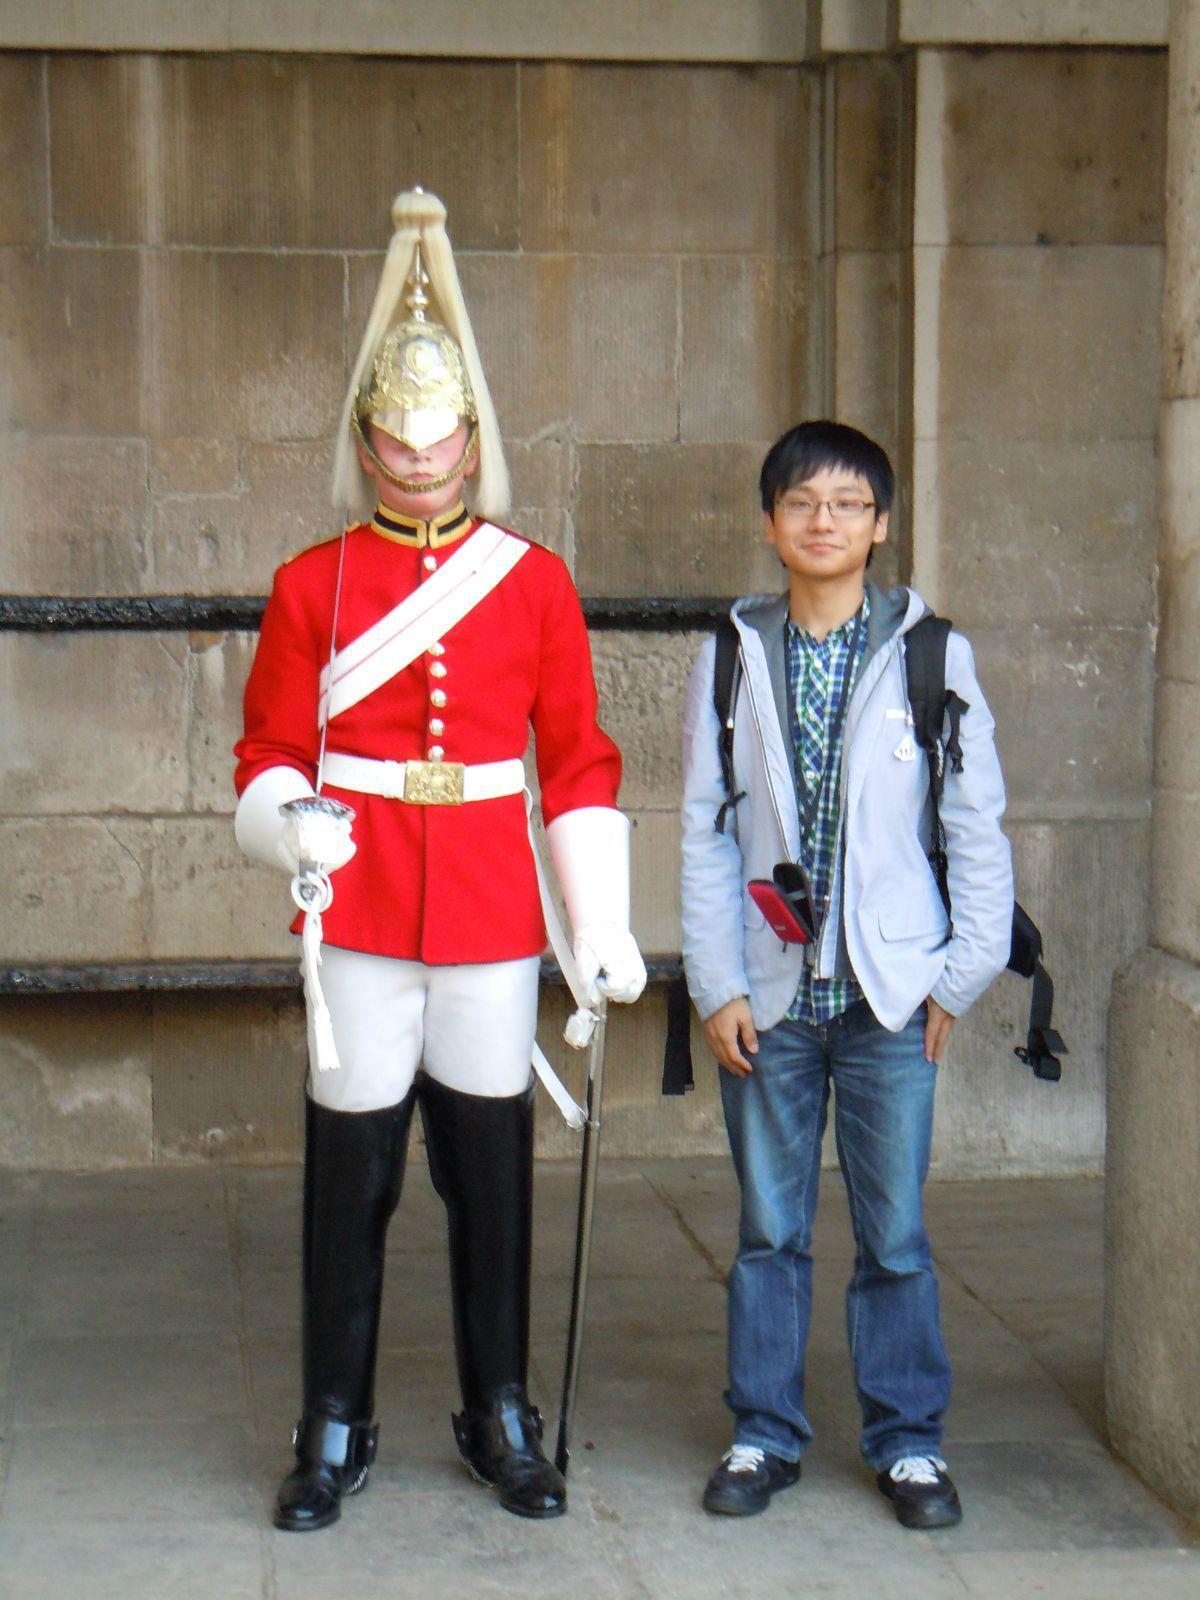 小不列颠-英国留学生